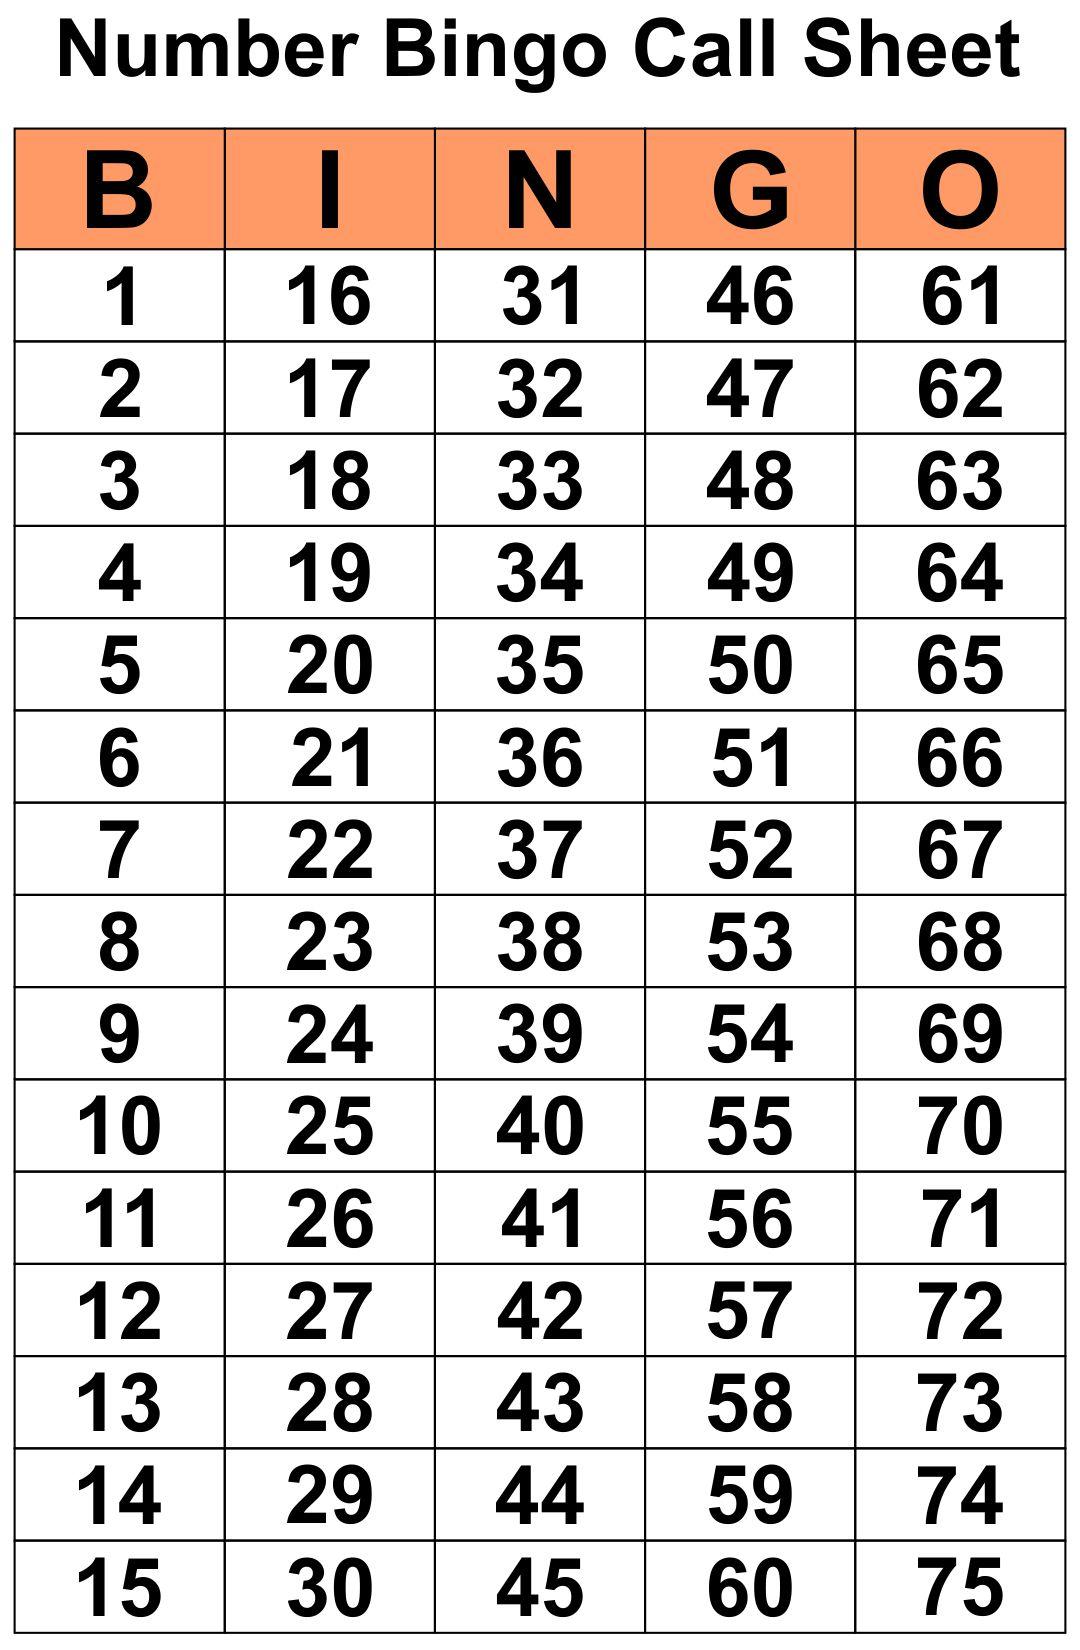 5 Best Printable Bingo Calling Cards Printablee